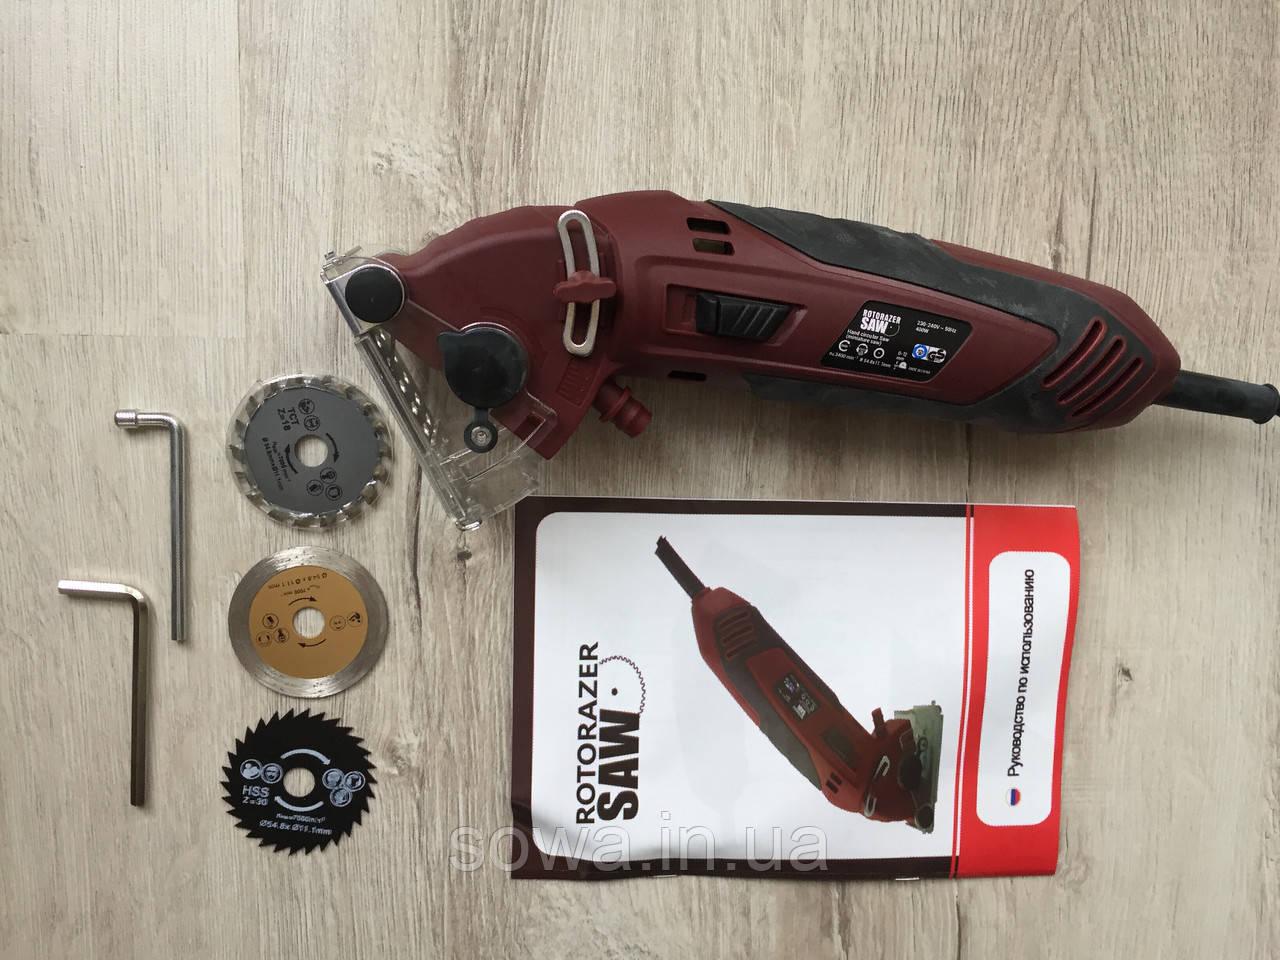 ✔️ Ручная универсальная, циркулярная пила Rotorazer Saw ( 400 Вт )